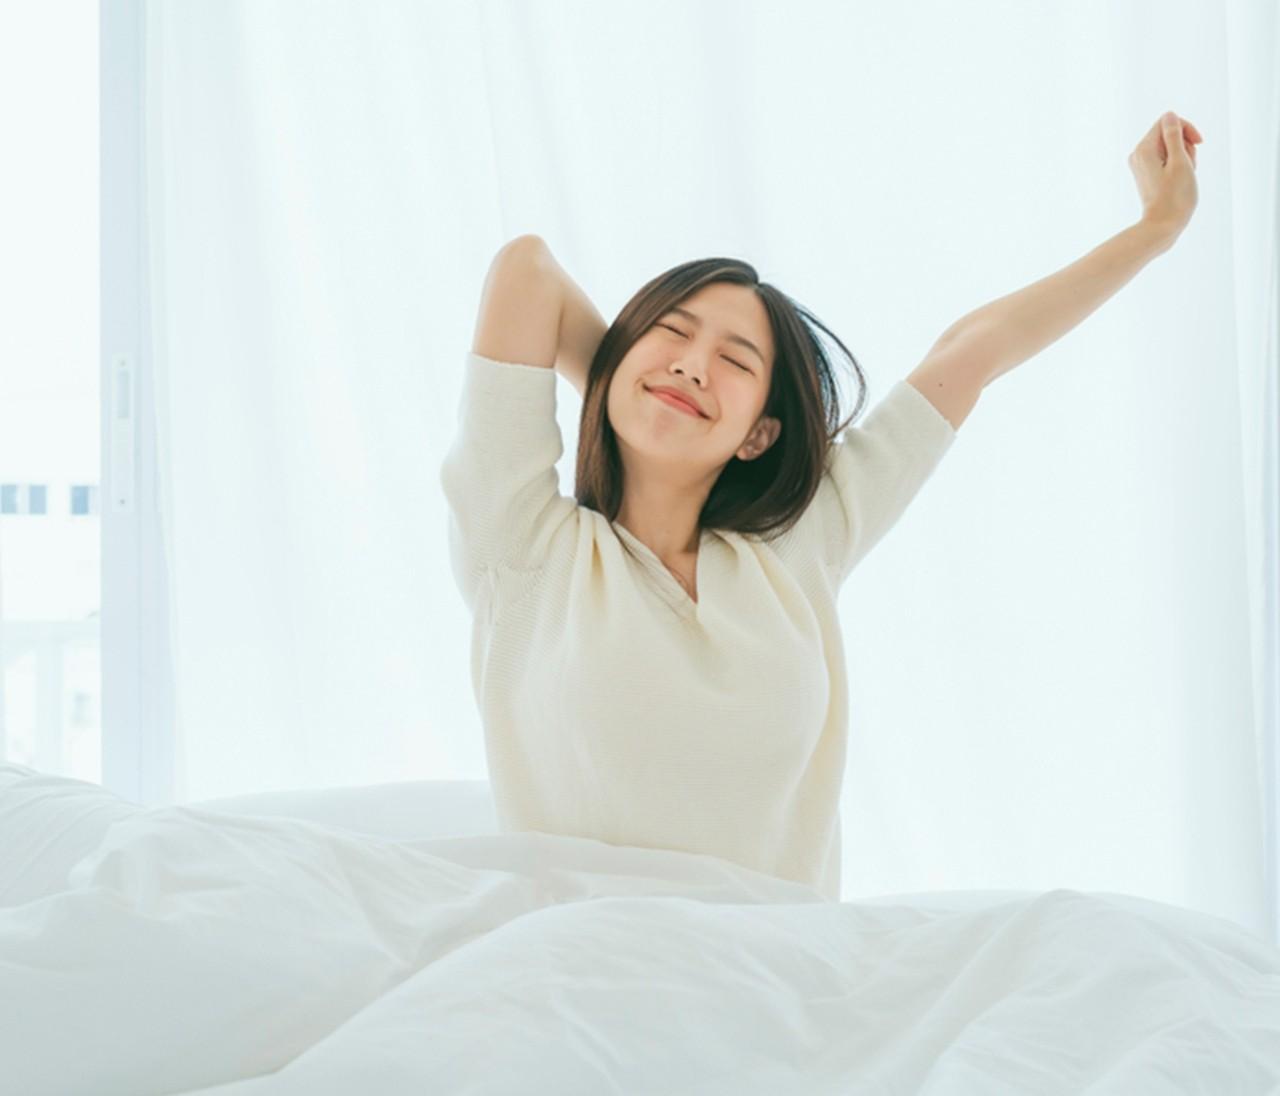 専門家がアンサー! 良質な睡眠とは?【免疫力が上がる、睡眠②】